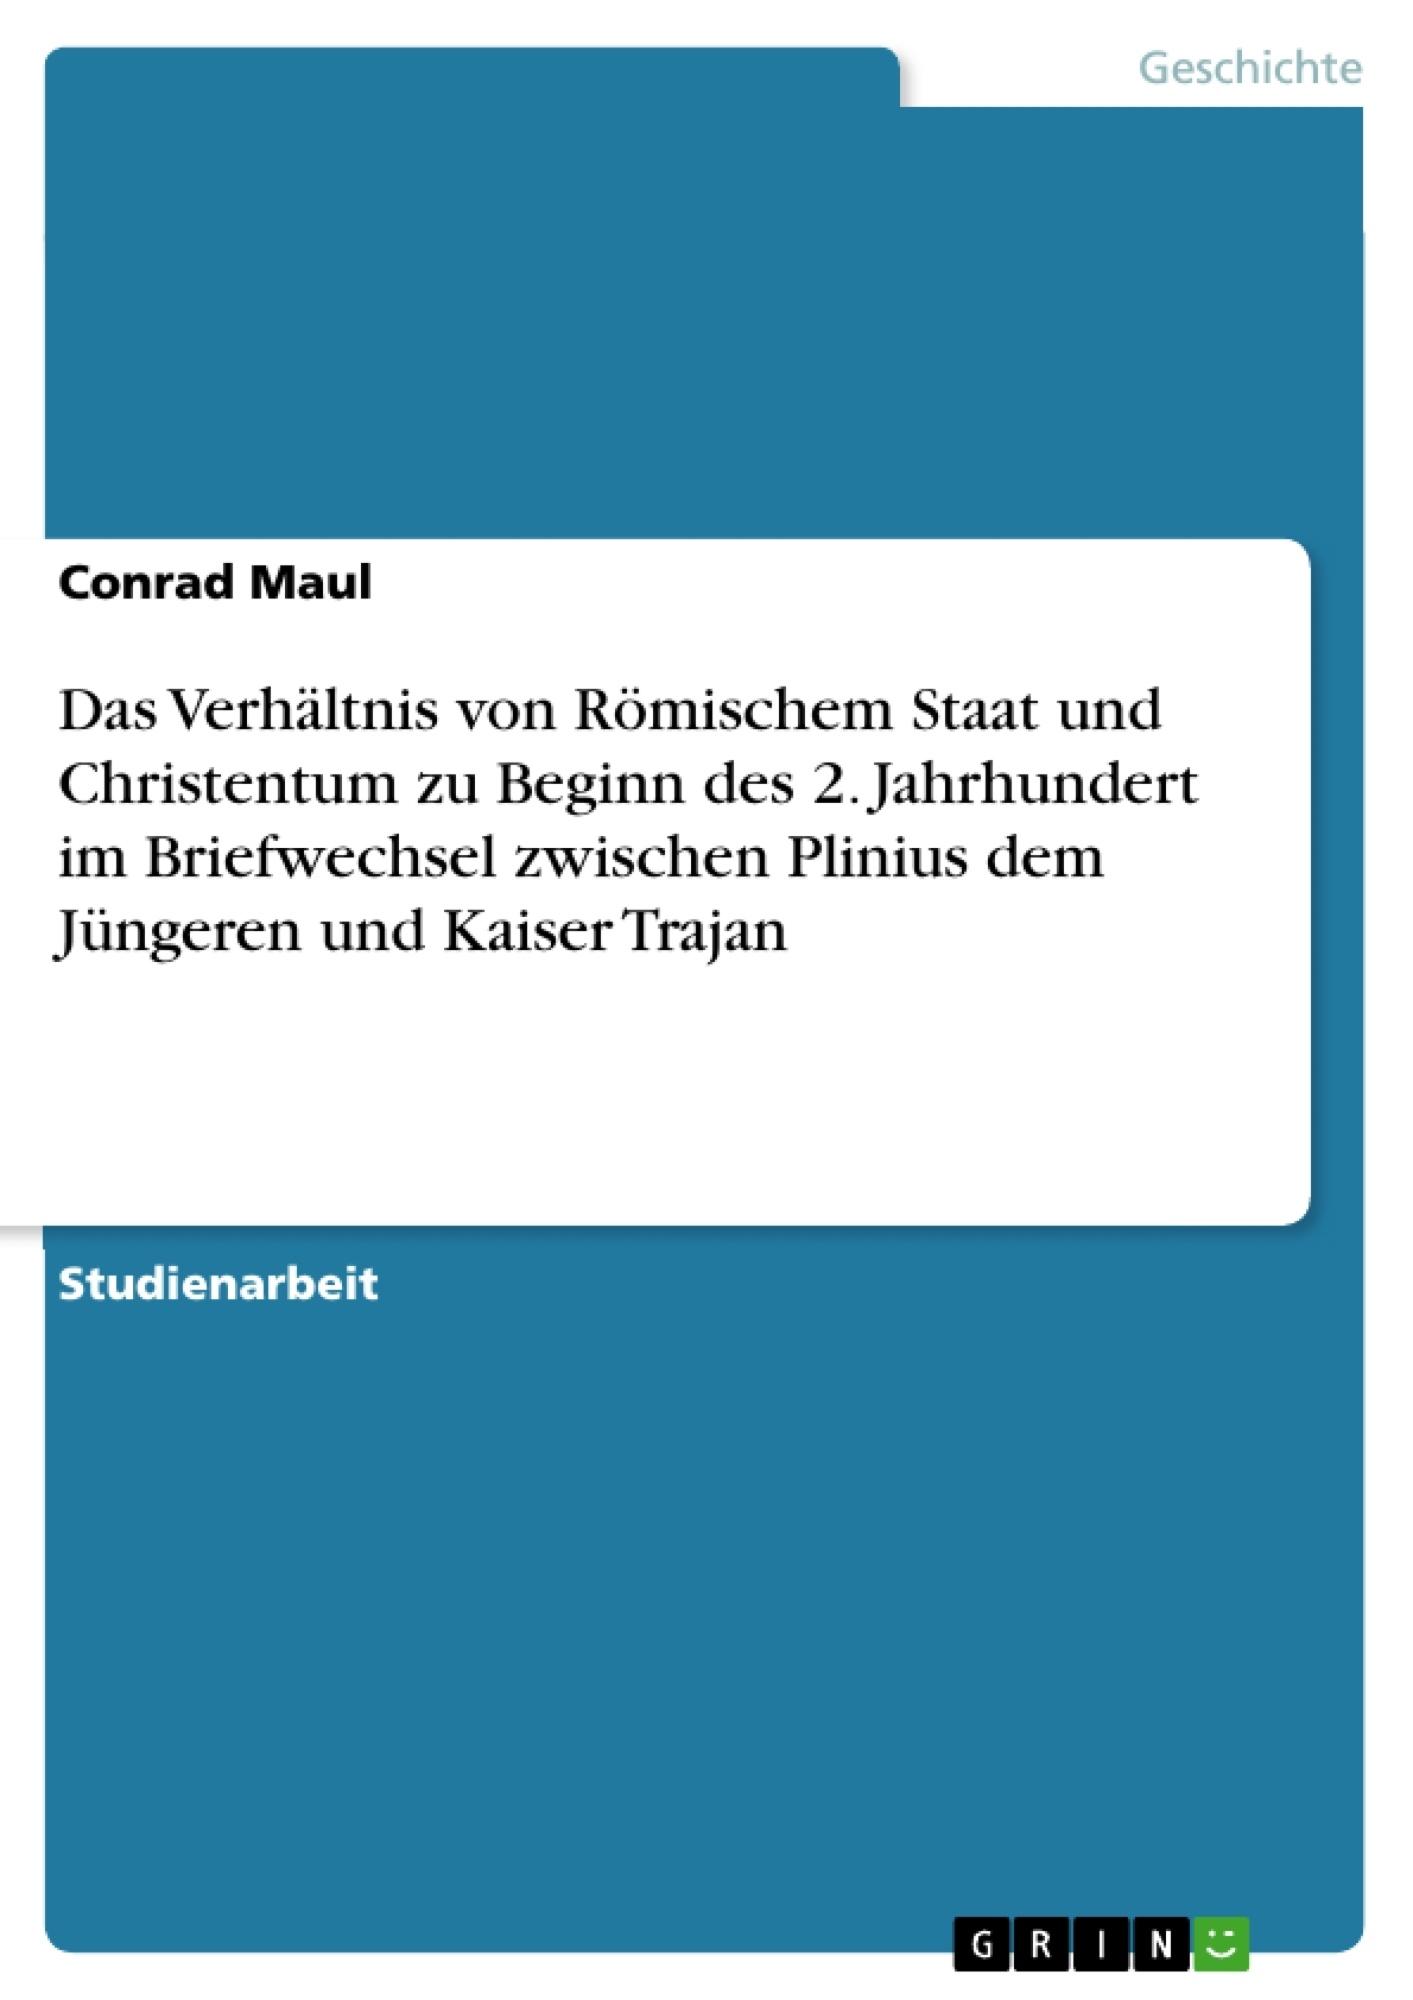 Titel: Das Verhältnis von Römischem Staat und Christentum zu Beginn des 2. Jahrhundert im Briefwechsel zwischen Plinius dem Jüngeren und Kaiser Trajan